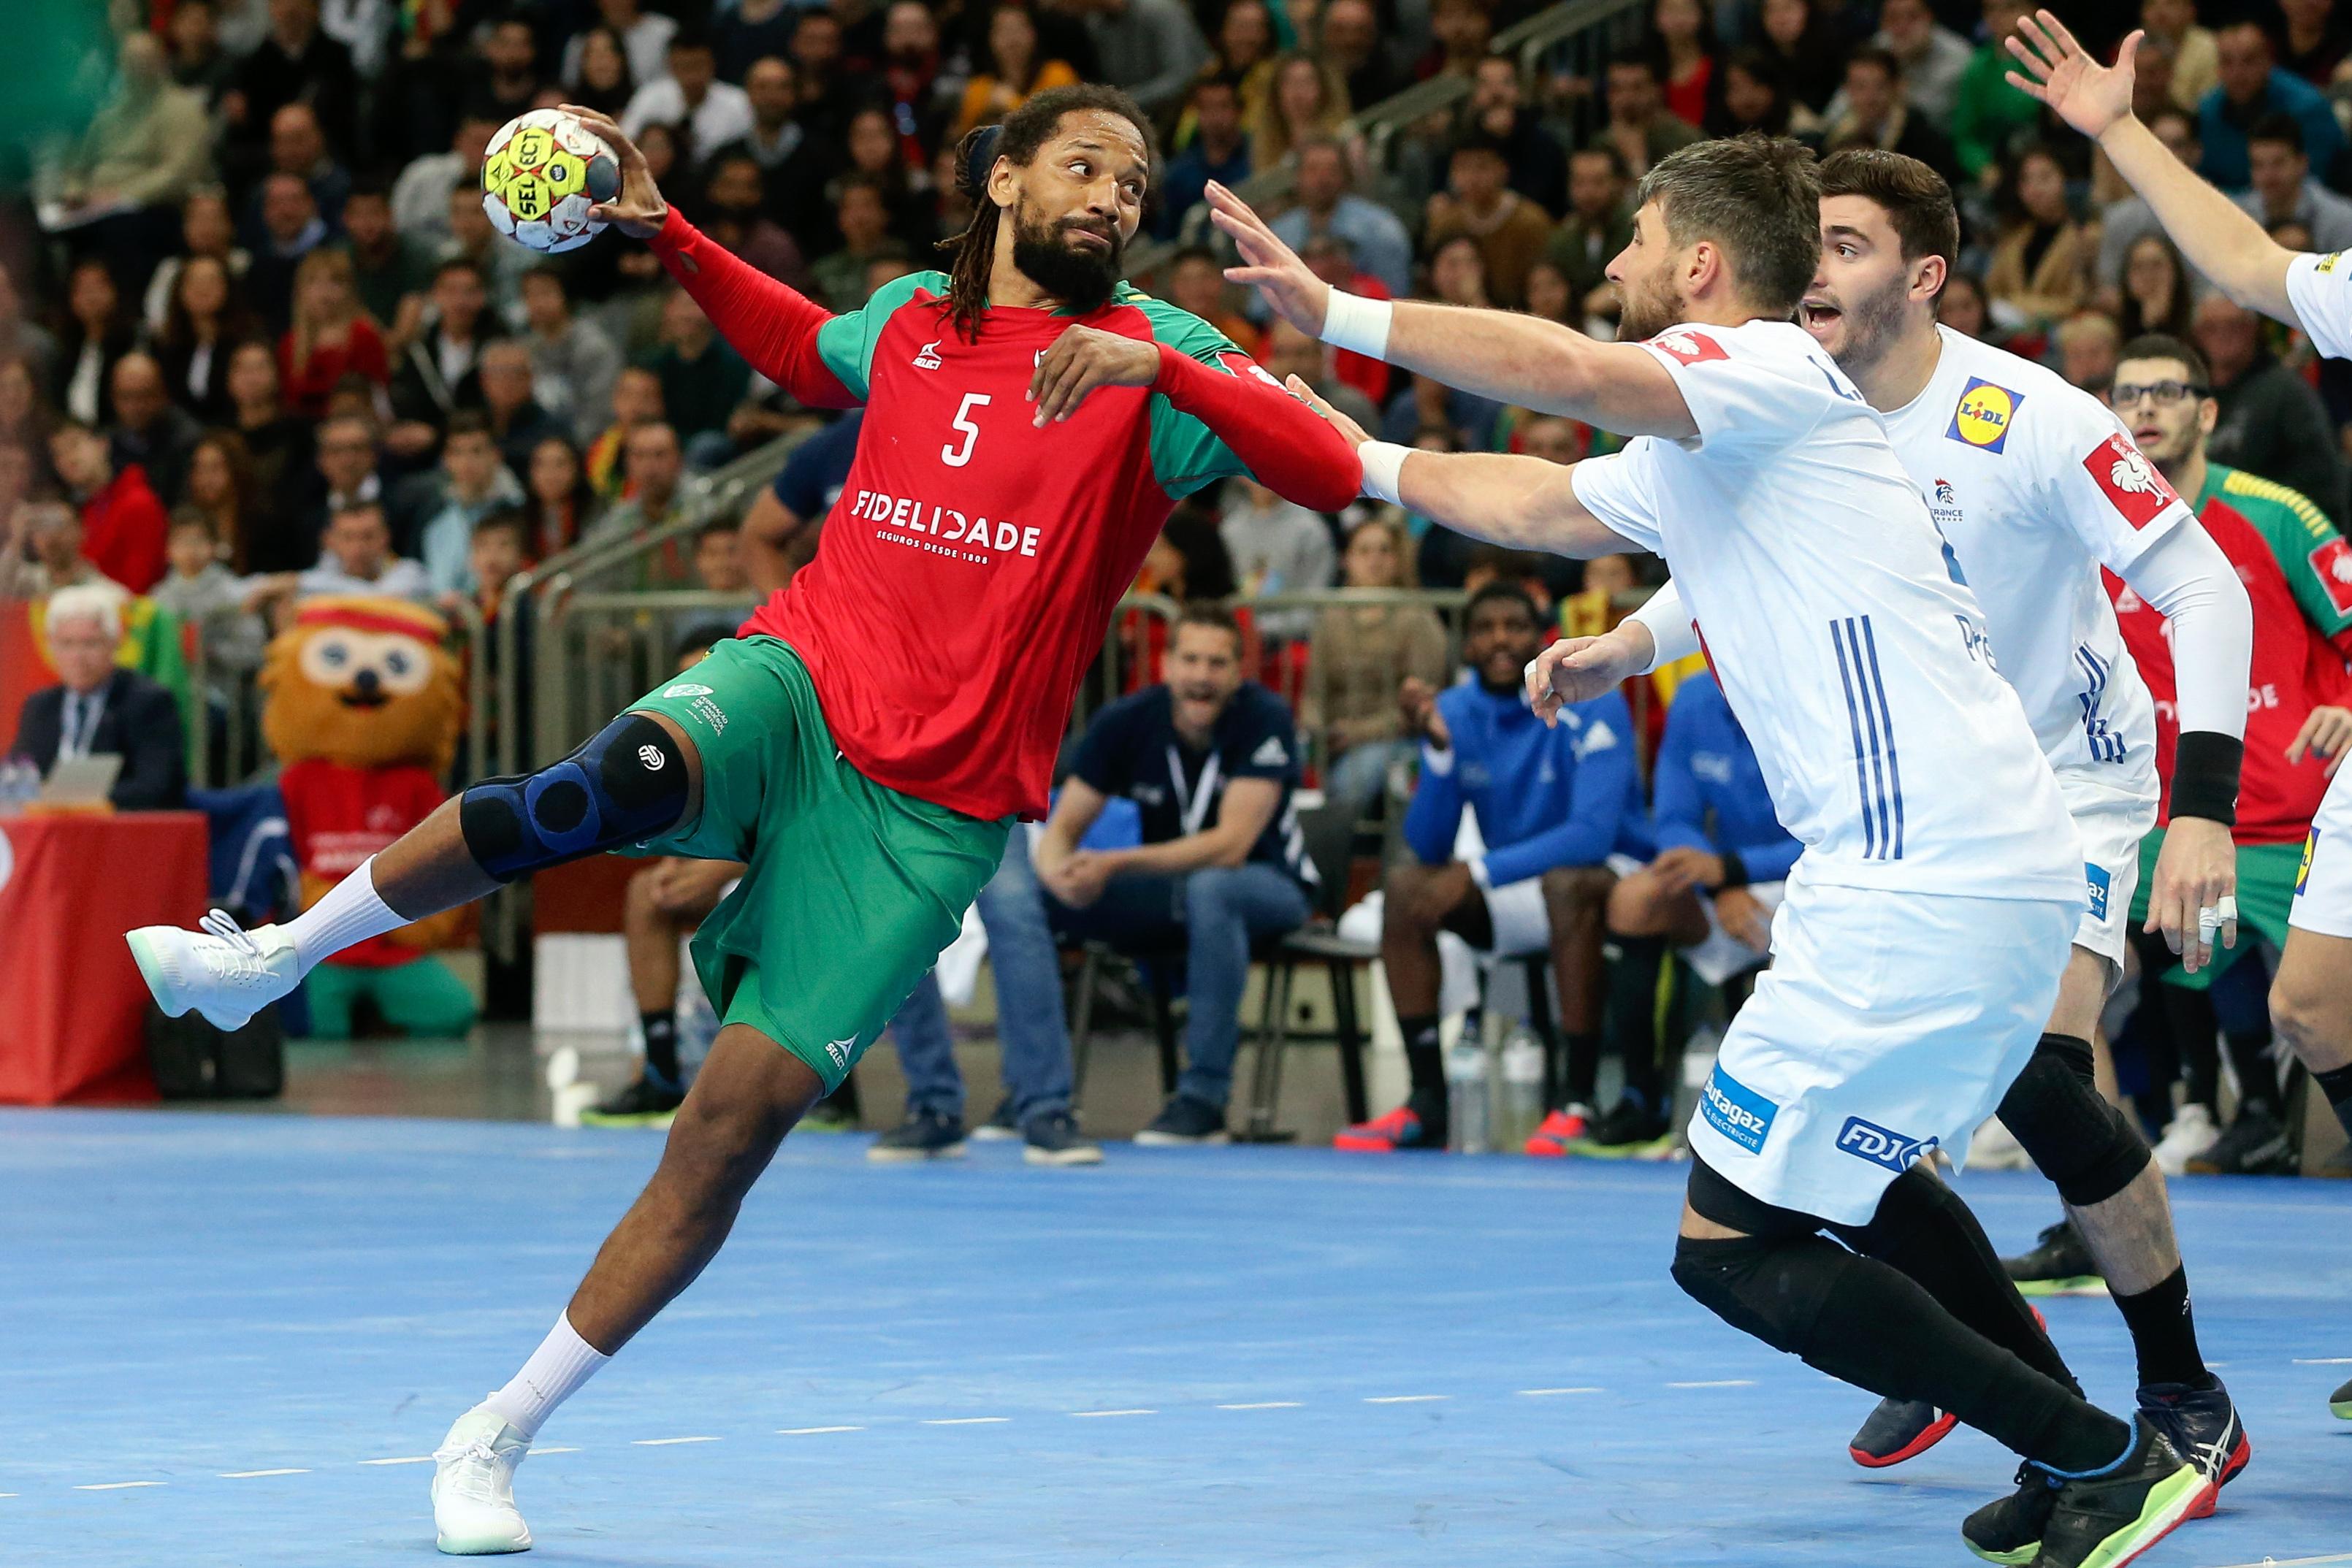 Andebol: Seleção nacional divulga pré-convocatória